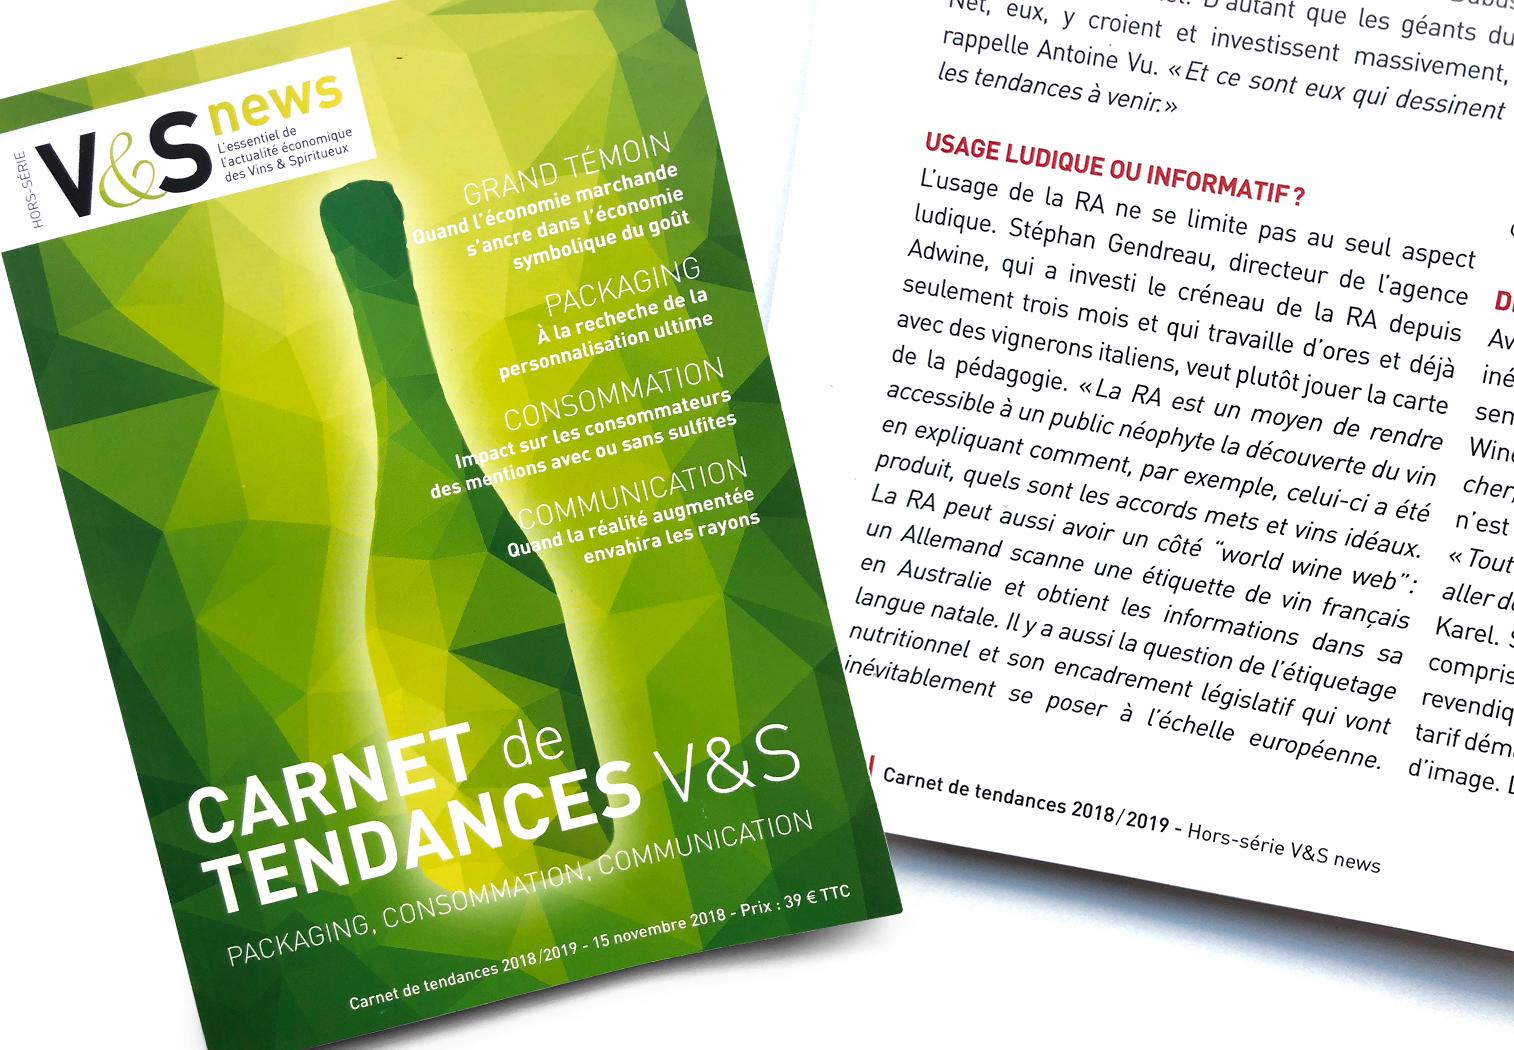 HS V&S News 2018/2019 Carnets de tendances Dossier sur la réalité augmentée des étiquettes pour Vins & Spiritueux